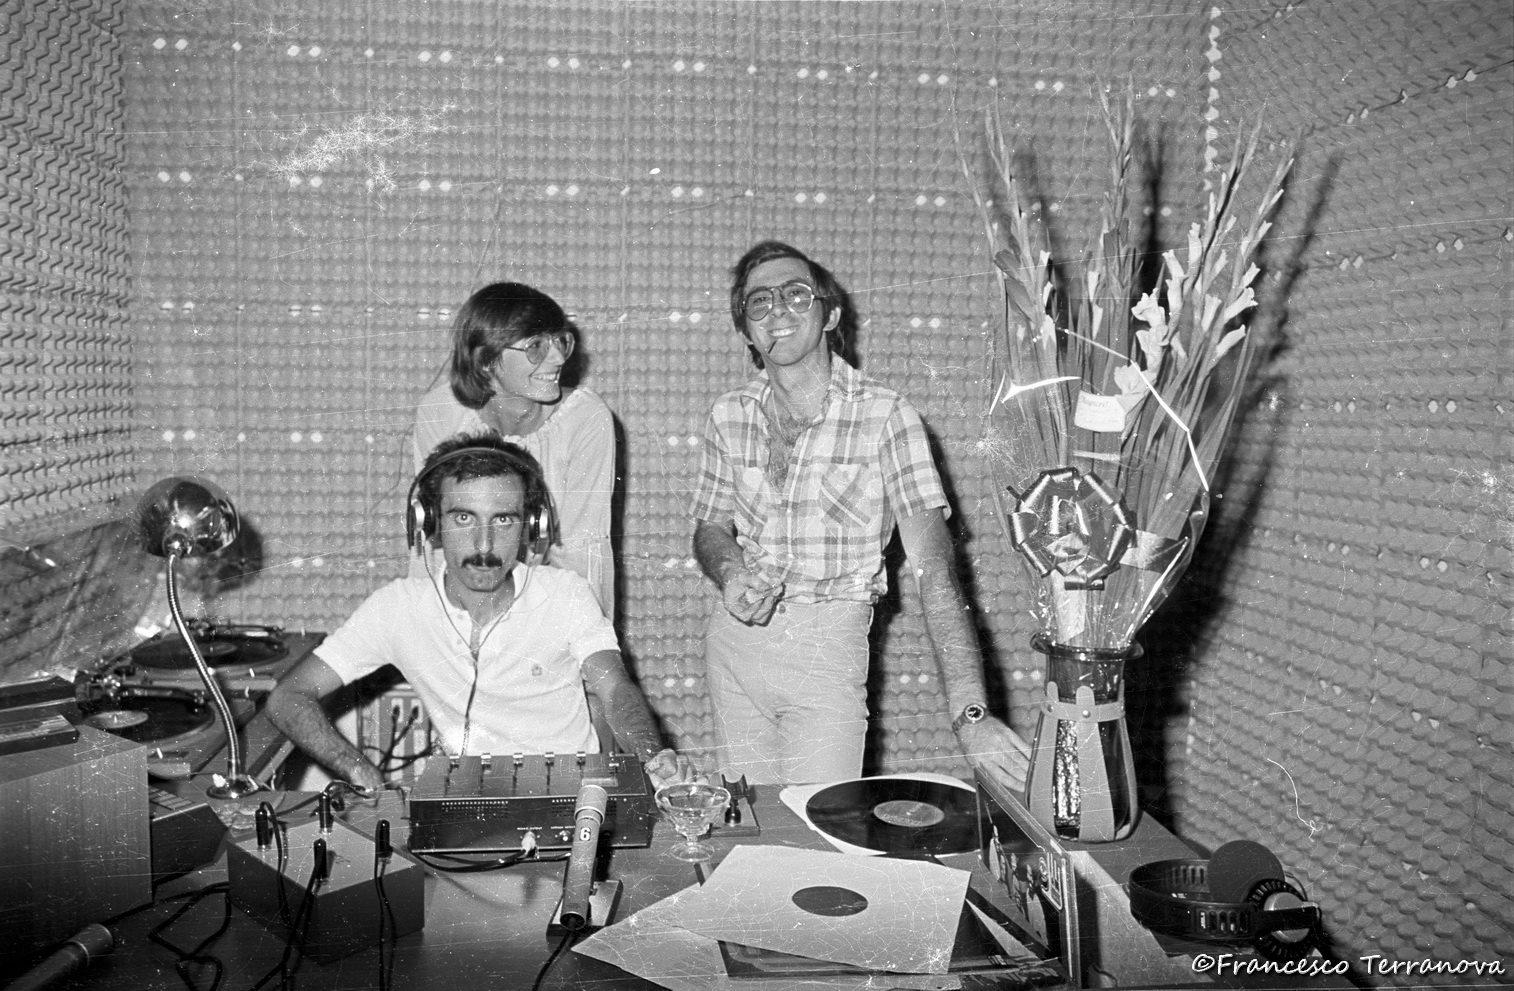 stereonda - Radio e Tv locali. Sicilia: la scomparsa di Enzo Speciale, giornalista e fondatore del gruppo radiotelevisivo di Bagheria Tele One - Radio One